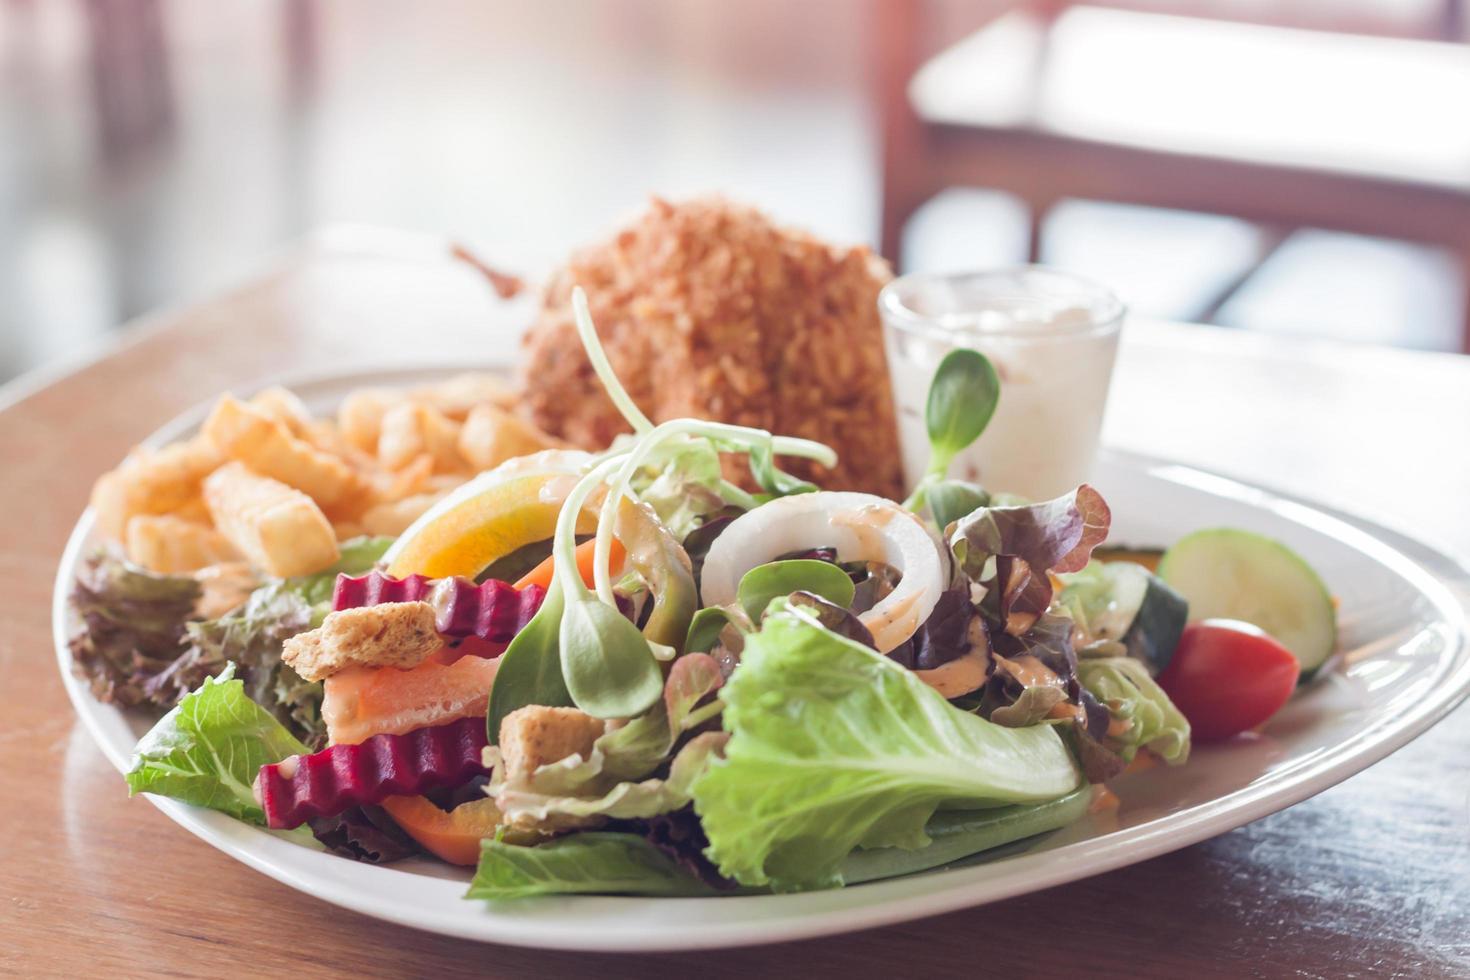 assiette de salade avec poisson frit et frites photo